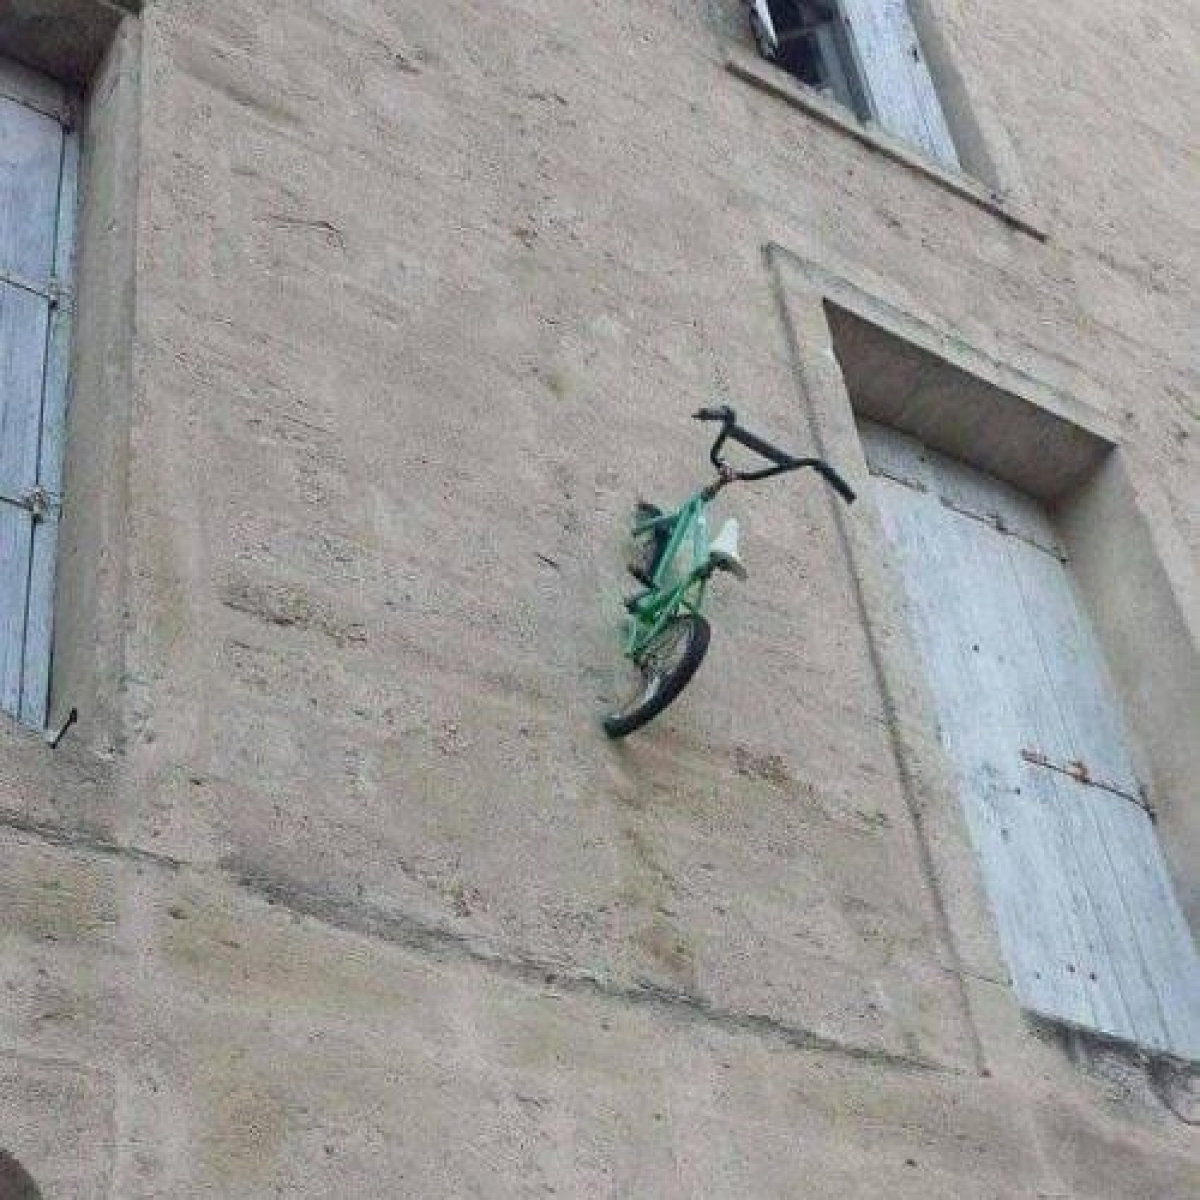 Vẫn không hiểu ai có thể đặt chiếc xe đạp lên bức tường này.